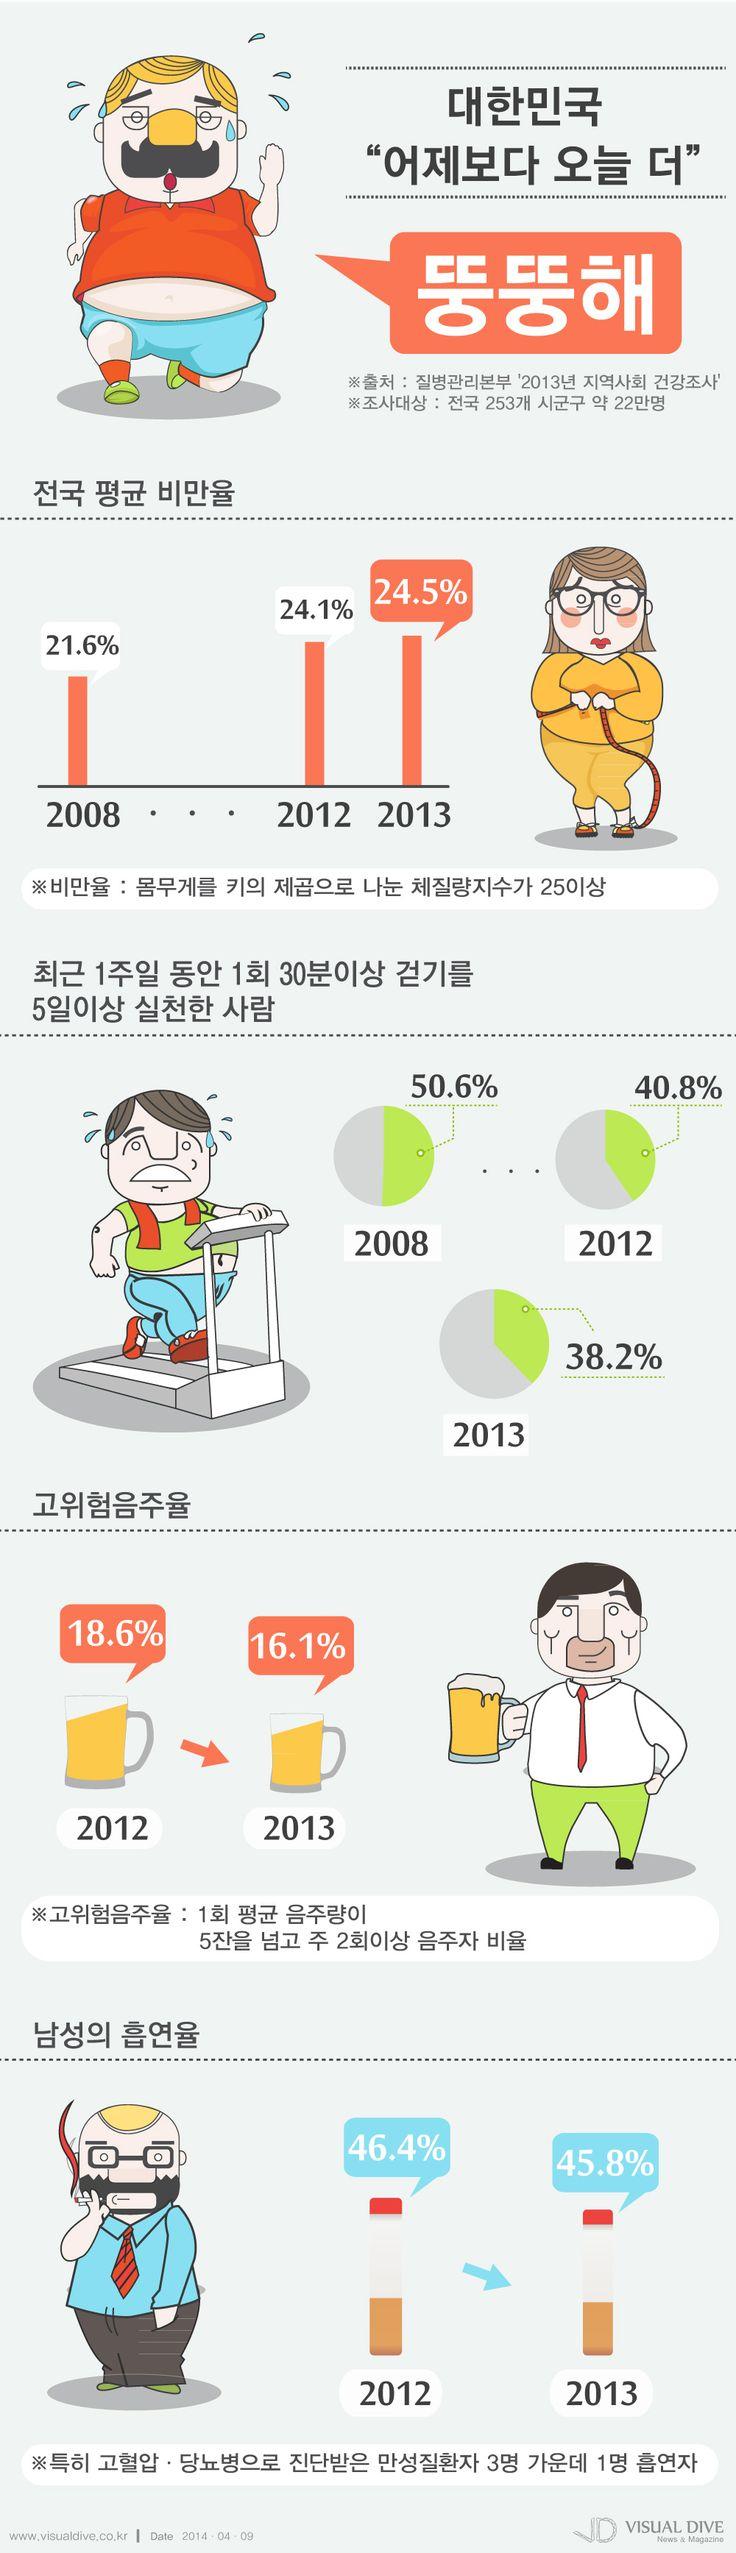 한국인, 갈수록 뚱뚱해지고 덜 걷는다 '매년 비만율 증가' [인포그래픽] #body #Infographic ⓒ 비주얼다이브 무단 복사·전재·재배포